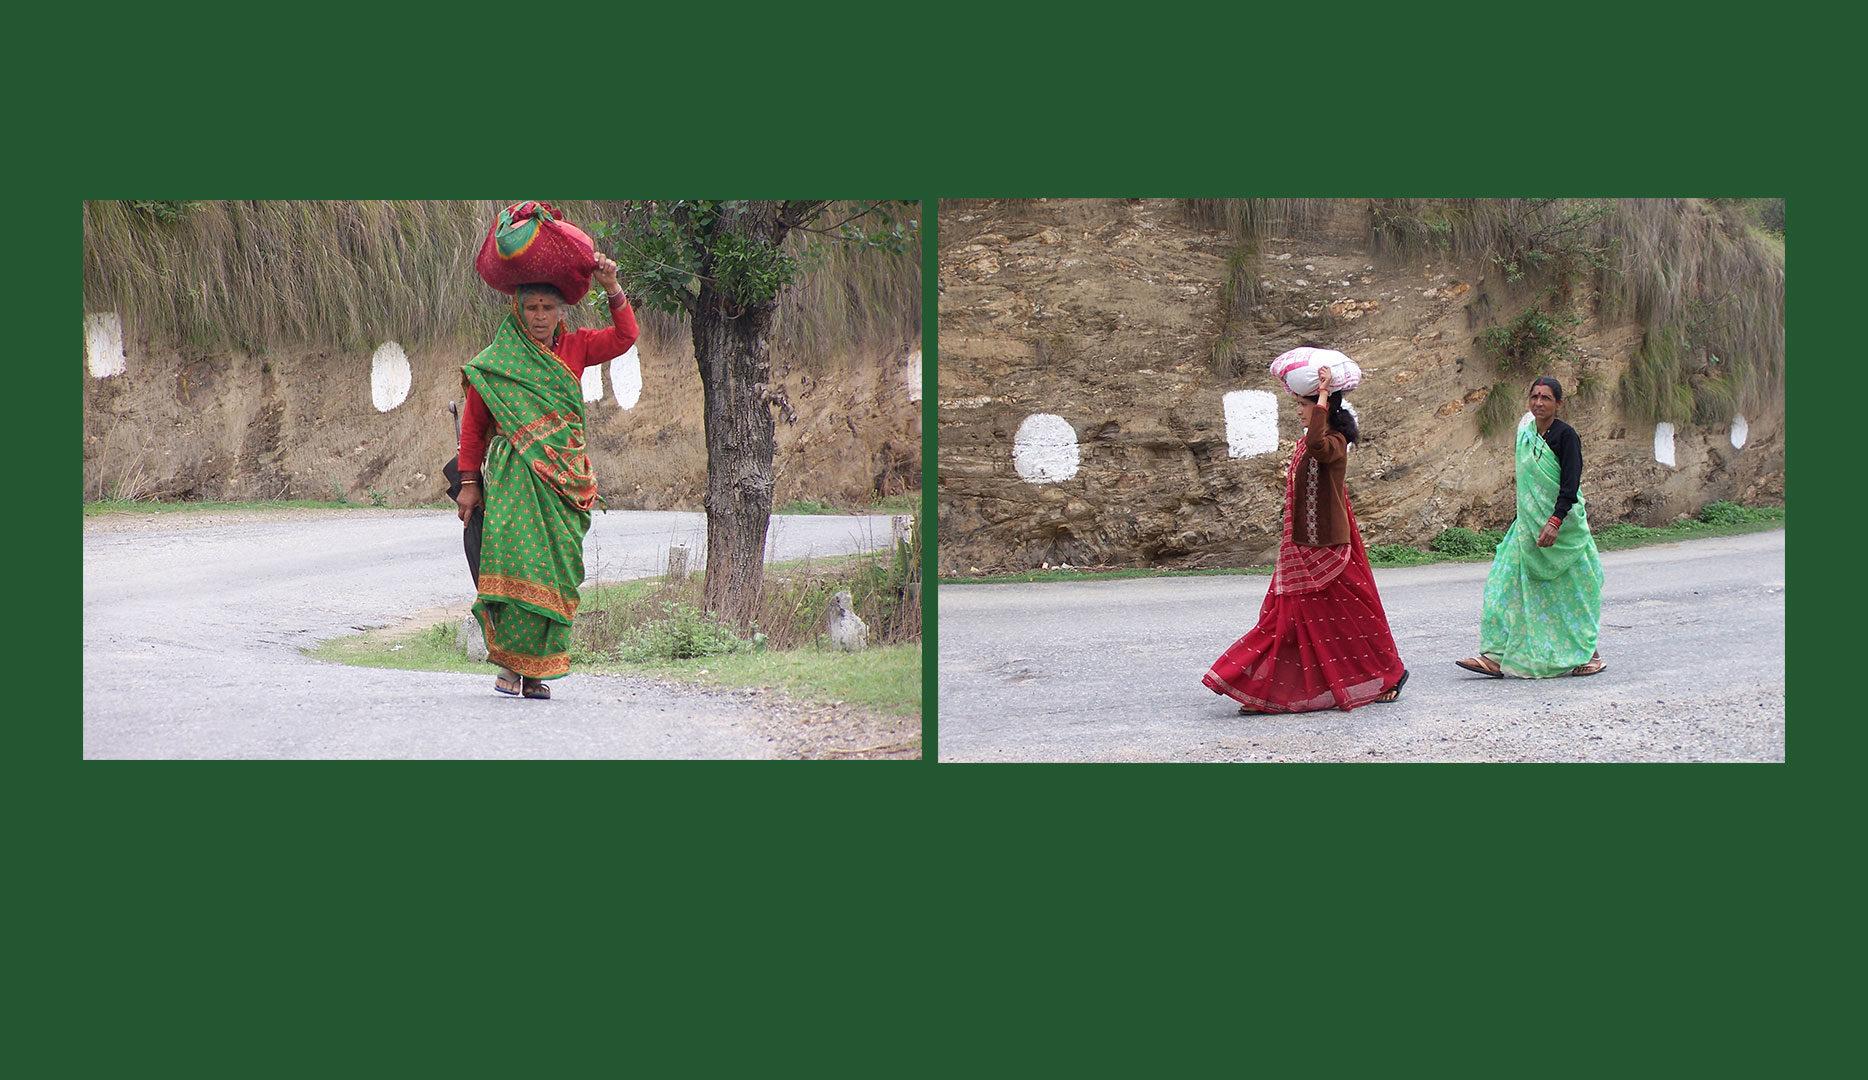 Porteuses en Inde